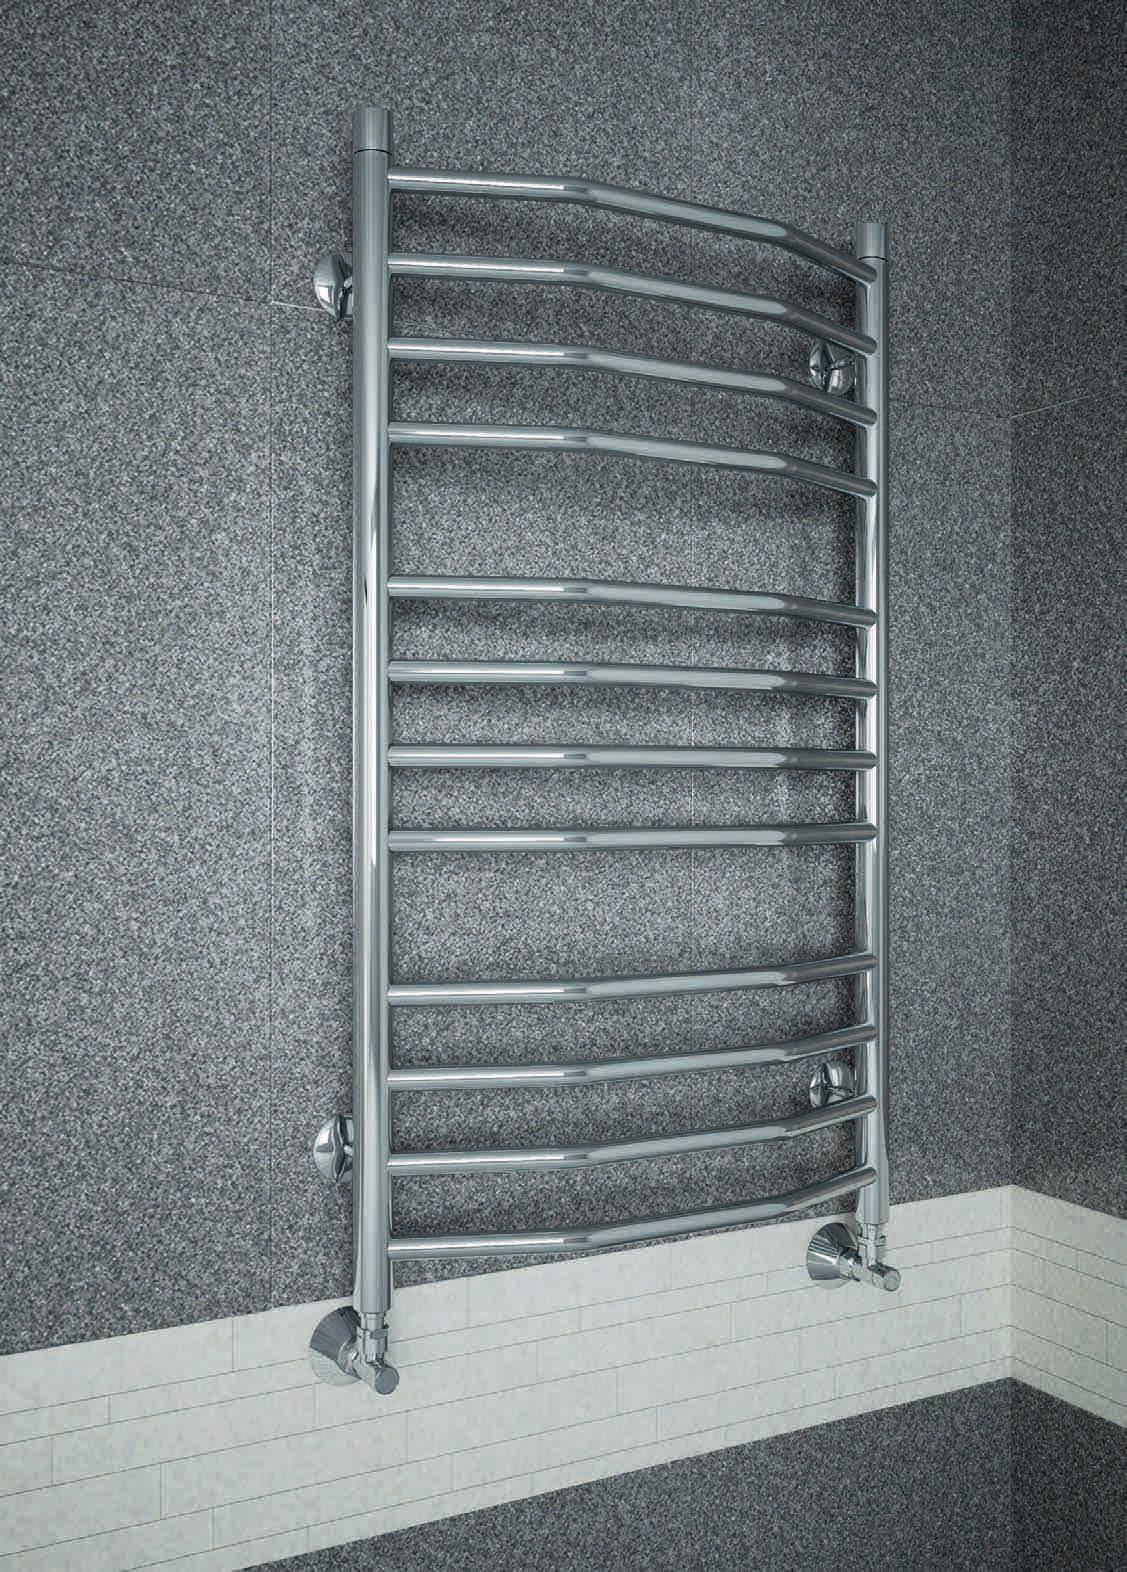 Victoria - водяной полотенцесушитель выполненный в форме классической лесенки с перекладинами в виде трапеции.